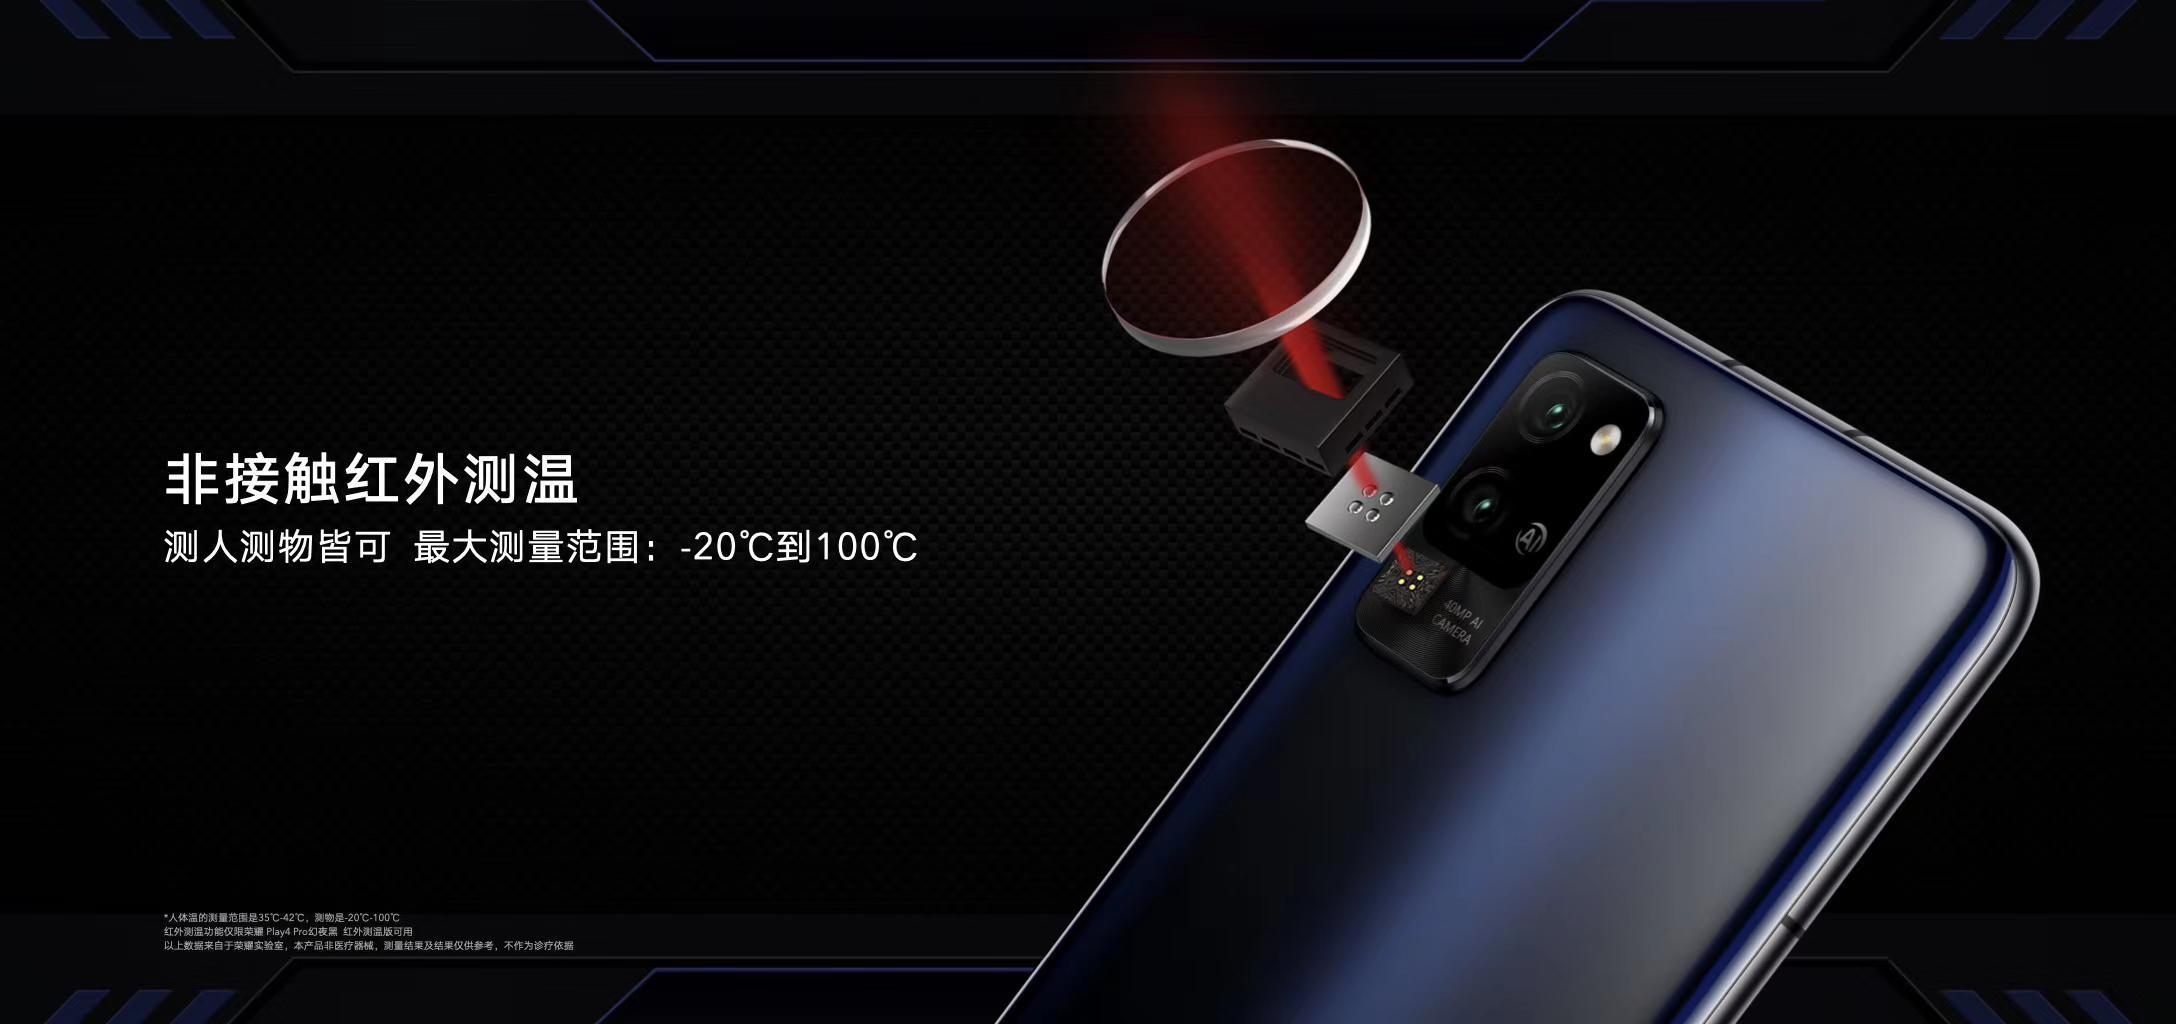 荣耀4大系列8款新机上市 5G手机价格战全面开打